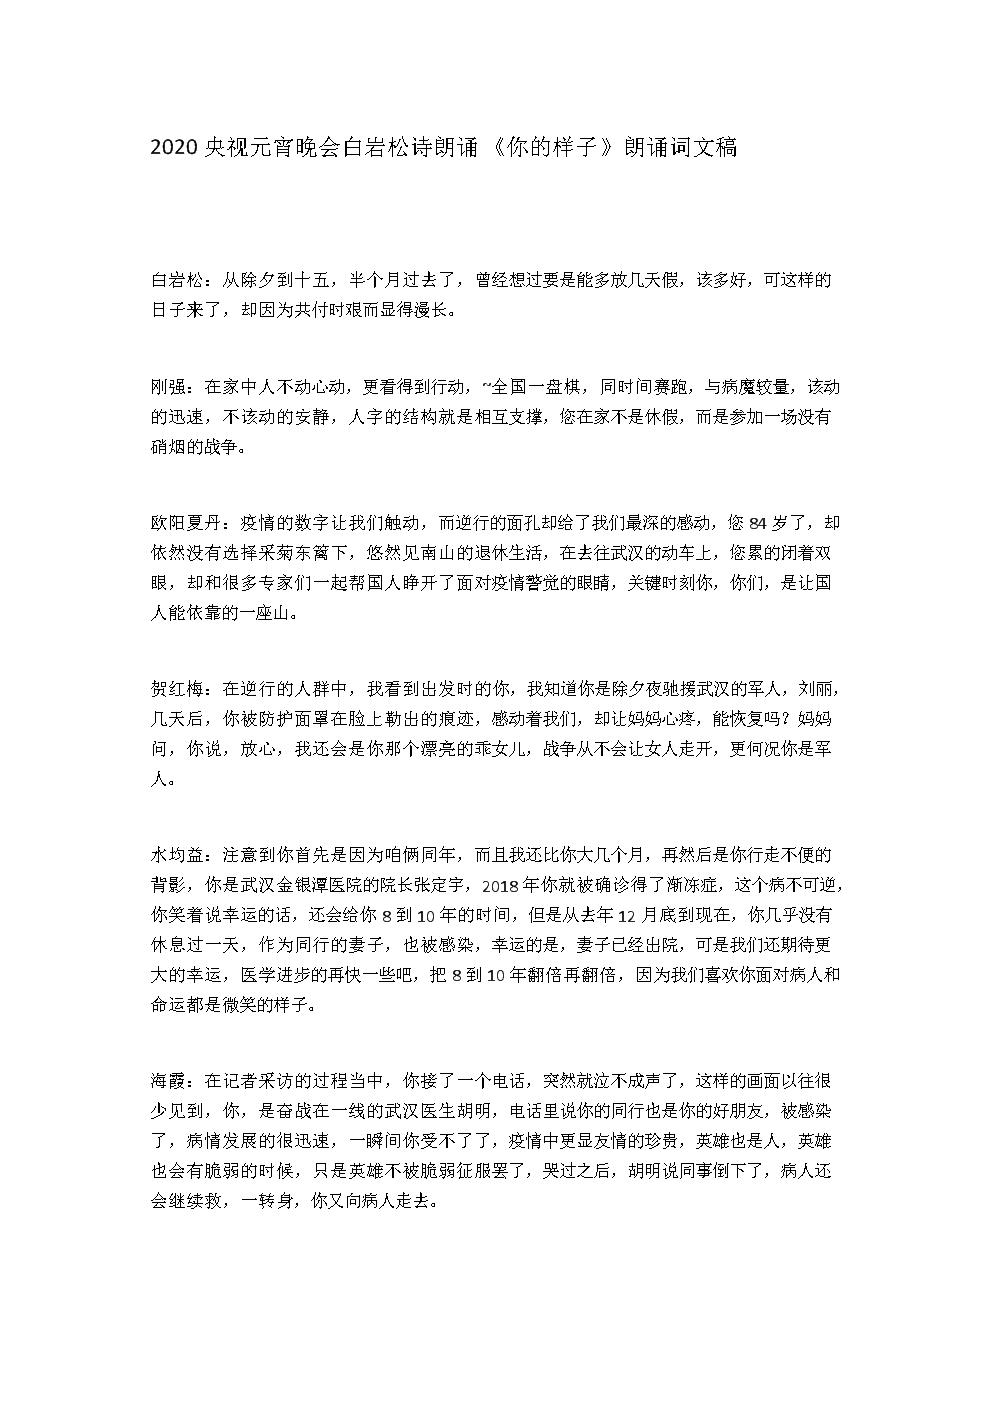 2020央视元宵晚会白岩松诗朗诵《你的样子》朗诵词文稿word版.doc